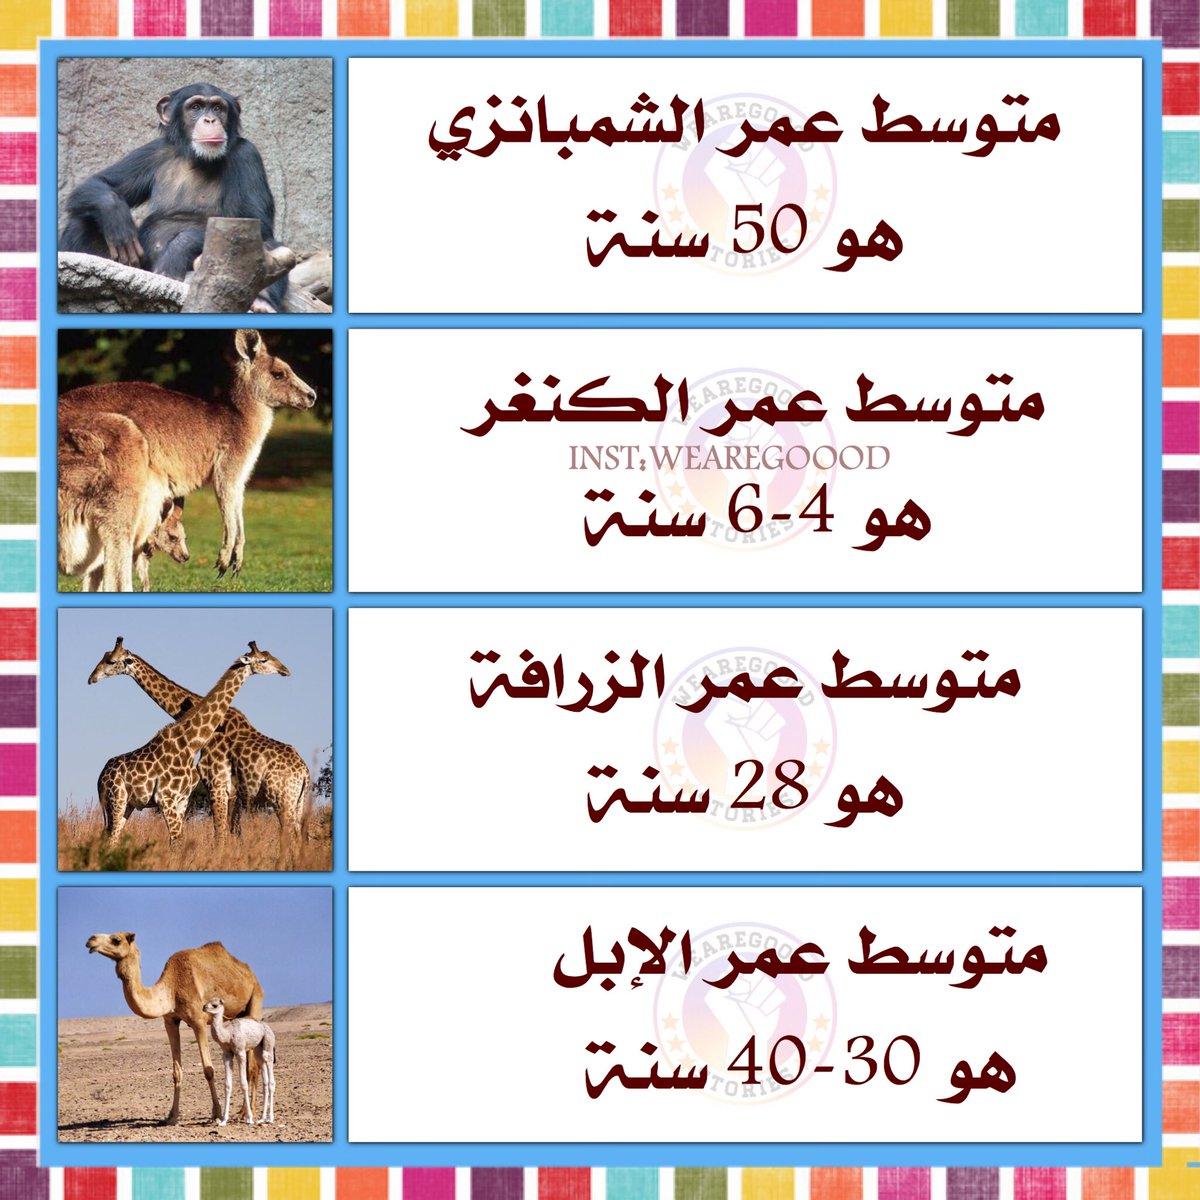 صورة معلومات عن الحيوانات , معلومات غريبه جدا عن الحيوانات 3744 1